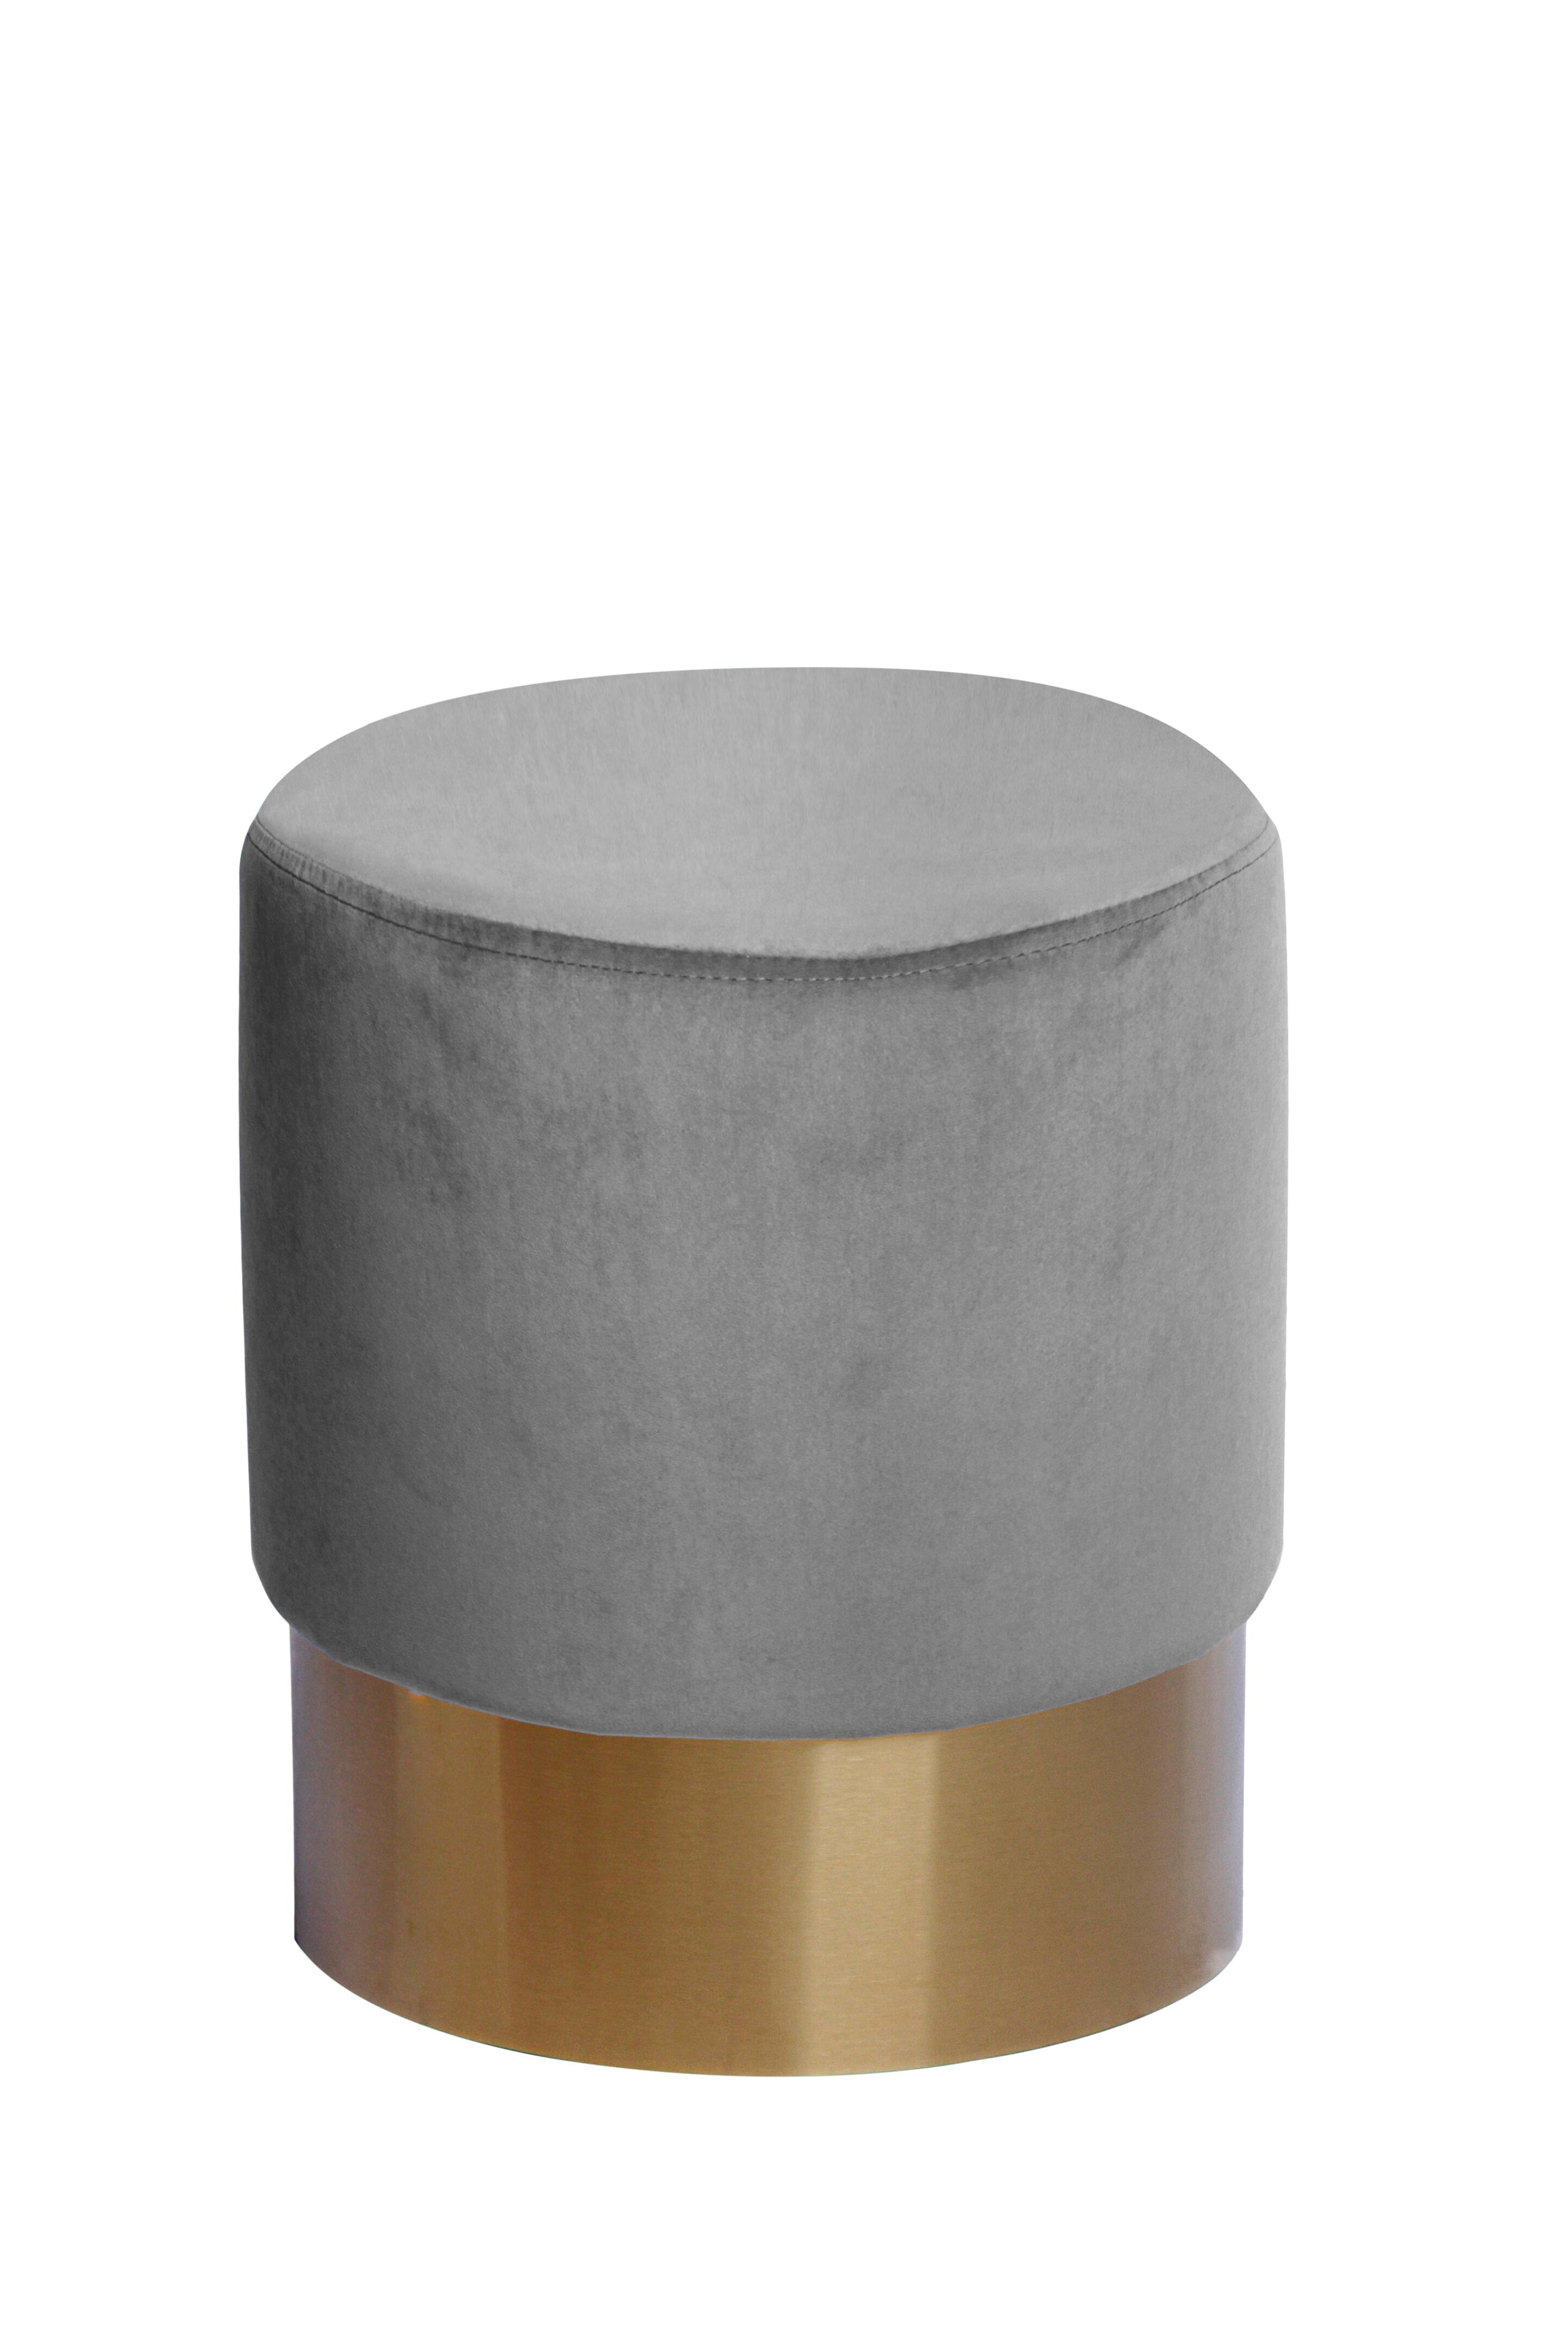 Kayoom Poef 'Nano' 35cm, kleur grijs